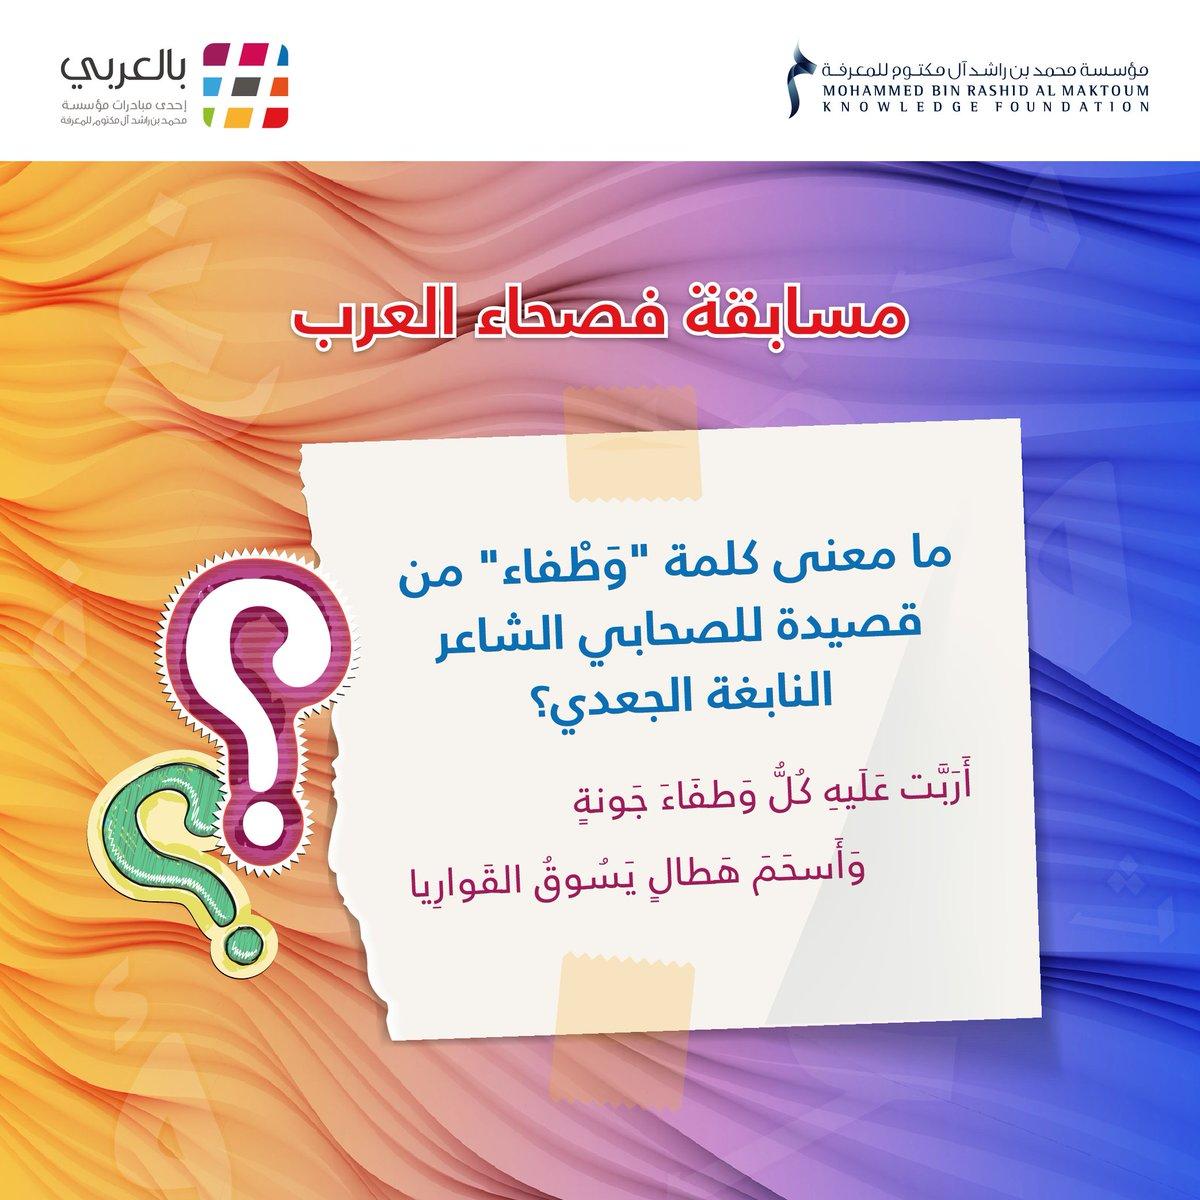 يوم الطفل تبخر معرض معنى كلمة Clothes بالعربي Outofstepwineco Com